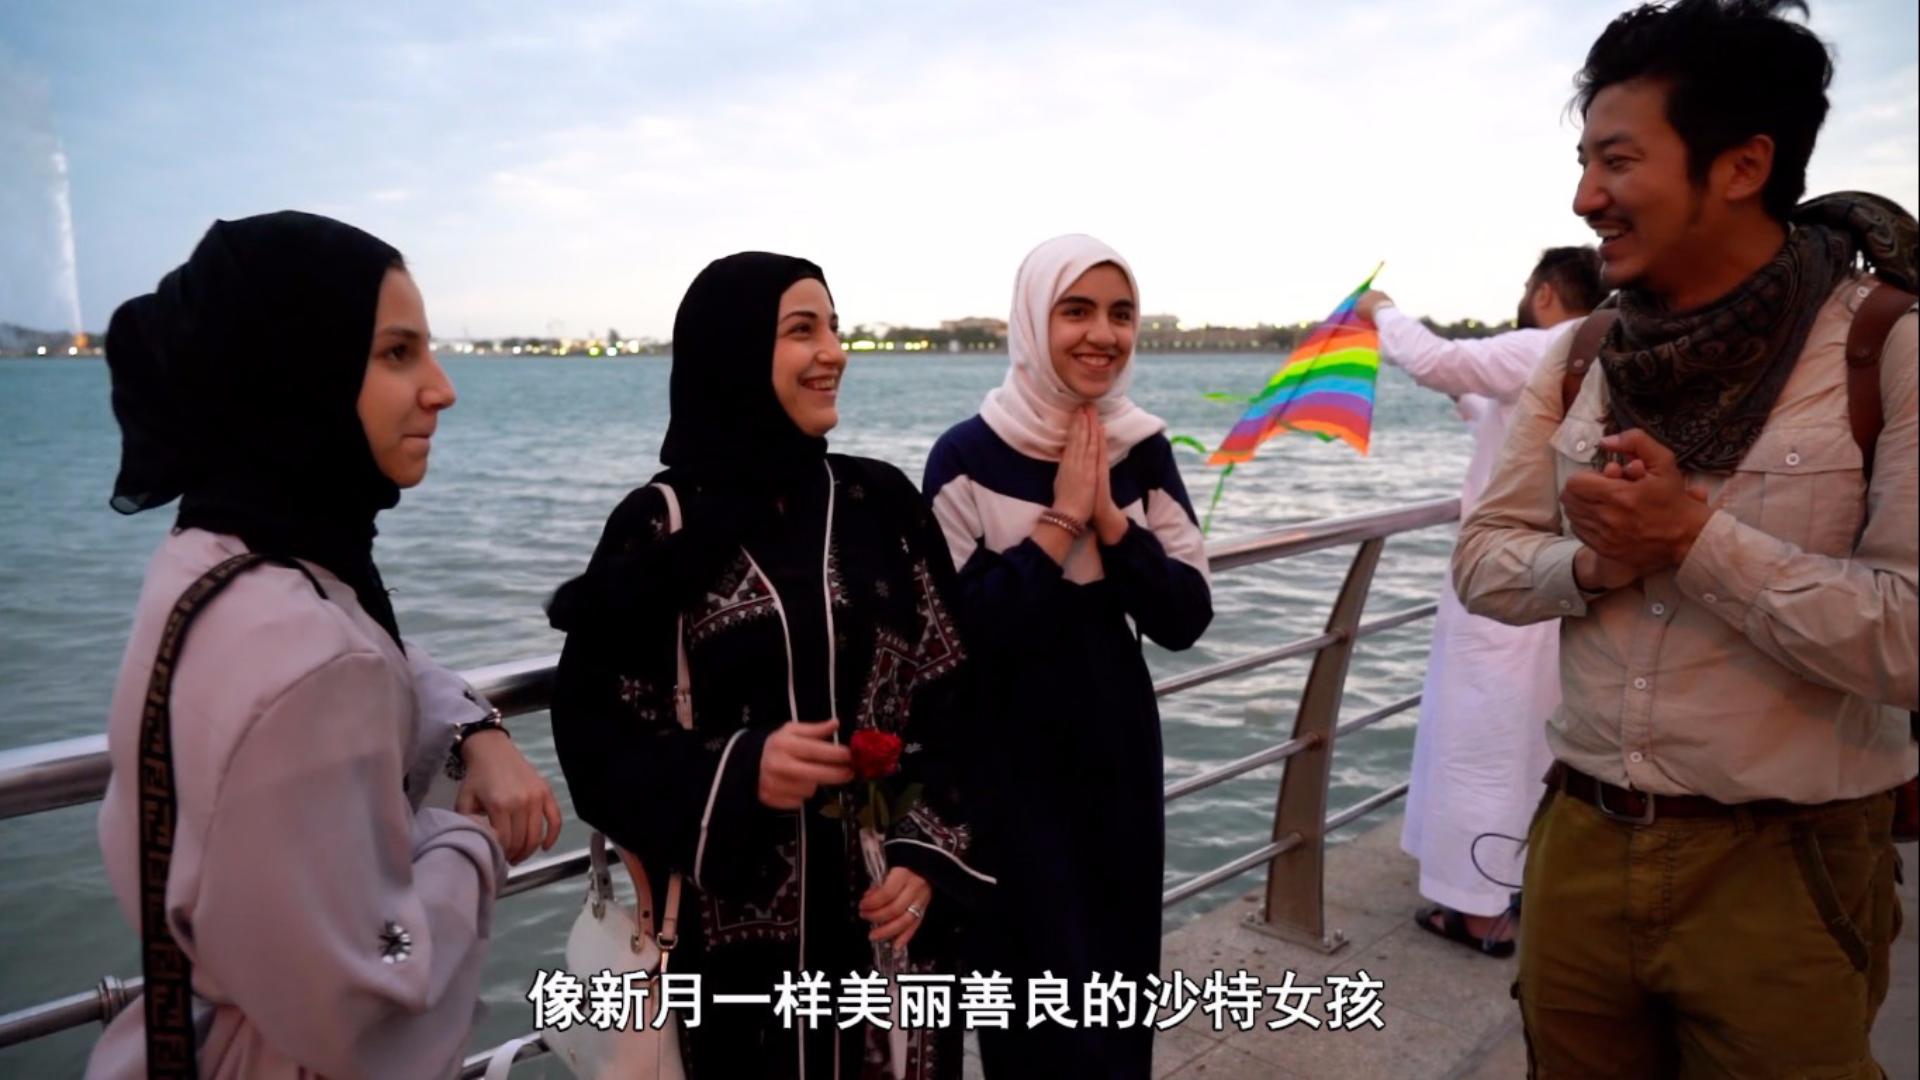 雷探长探秘沙特,当地人见到中国游客并不慌,女性热情和传闻不同